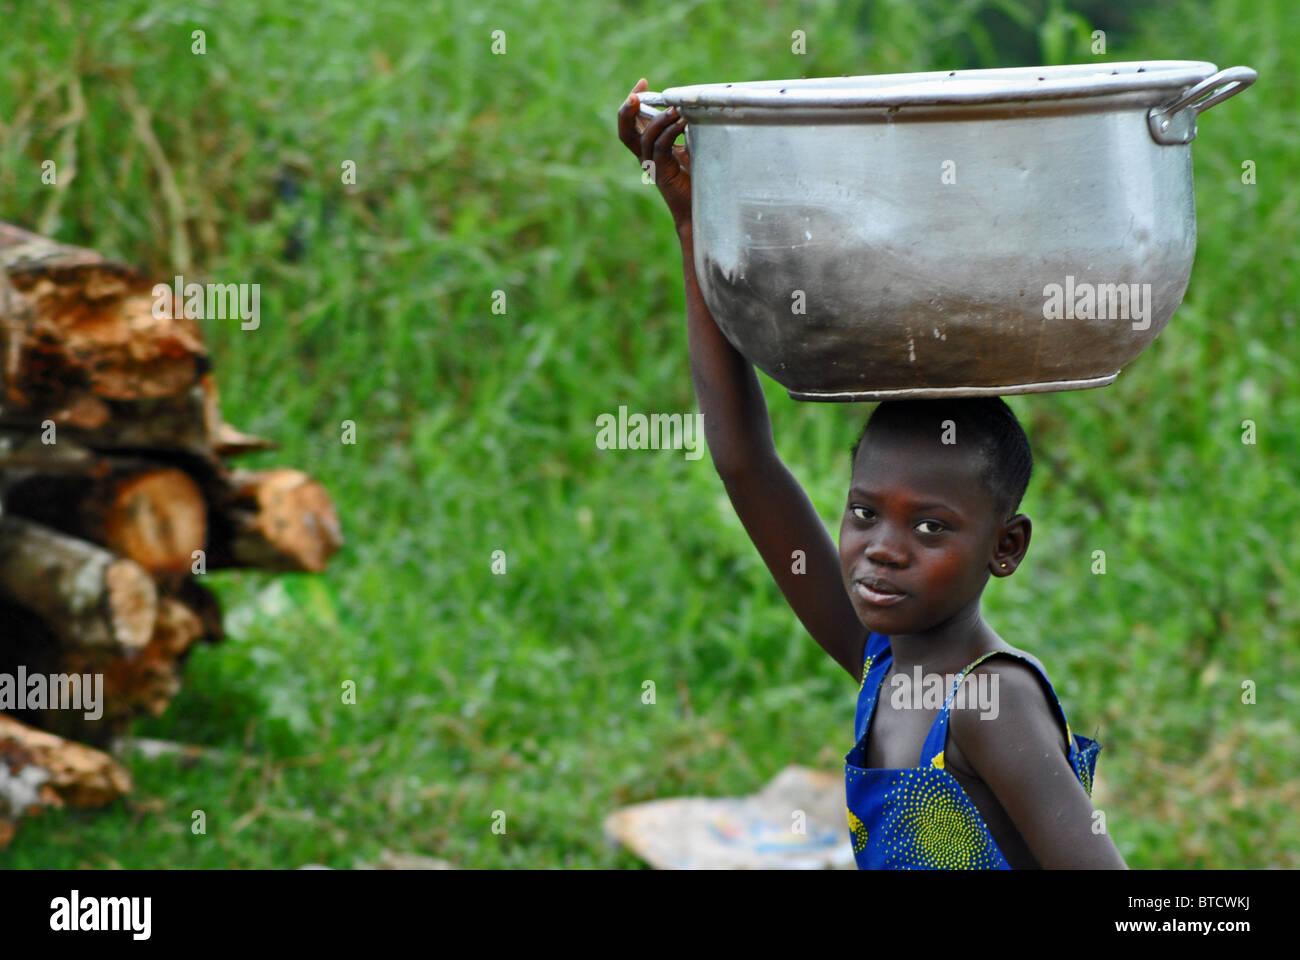 Mädchen mit Korb, Elfenbeinküste, Westafrika Stockbild